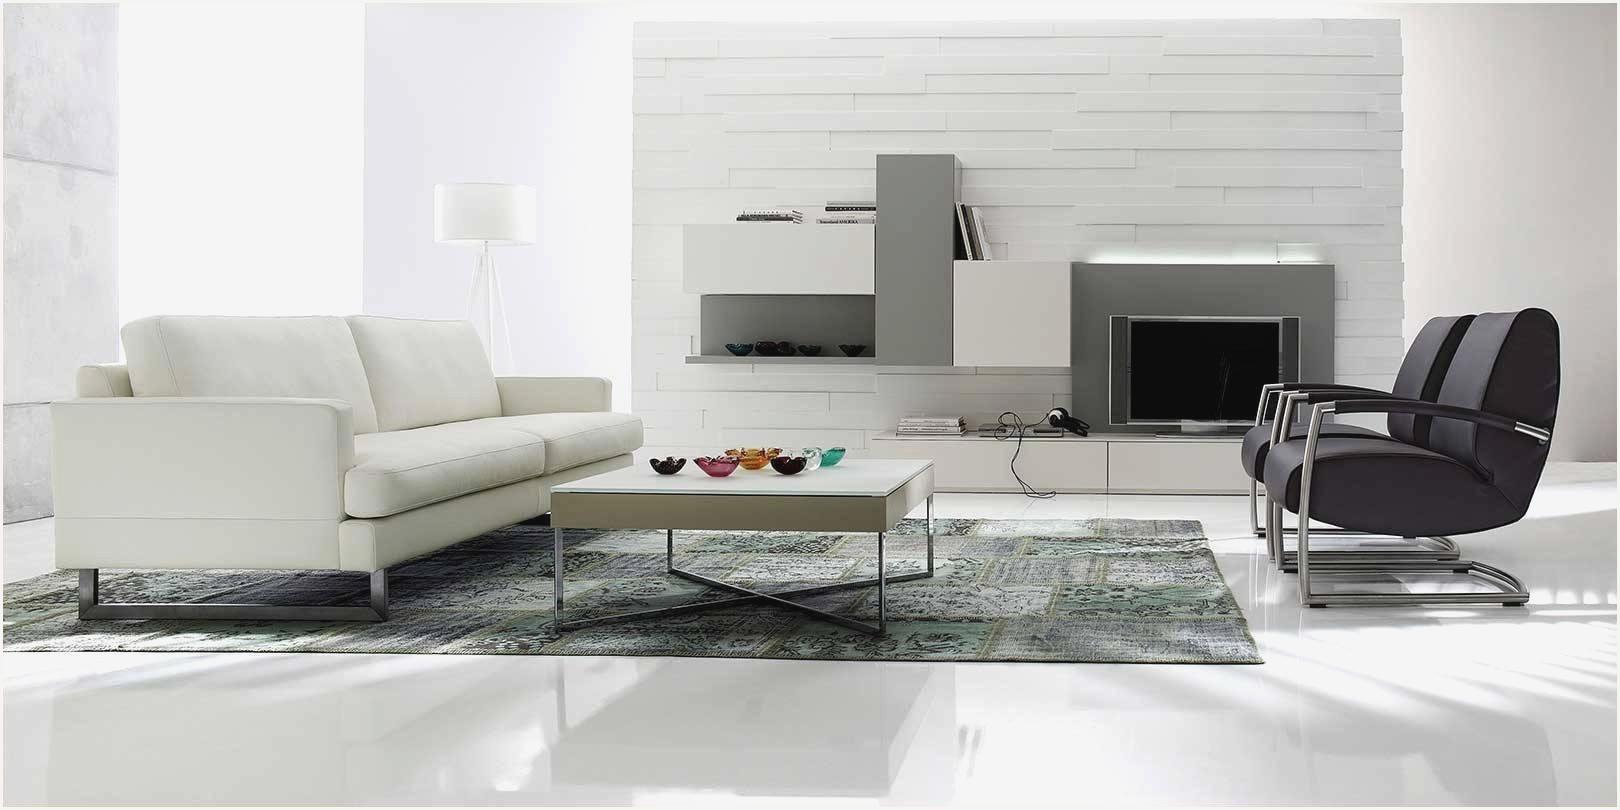 luxus dekoration wohnzimmer